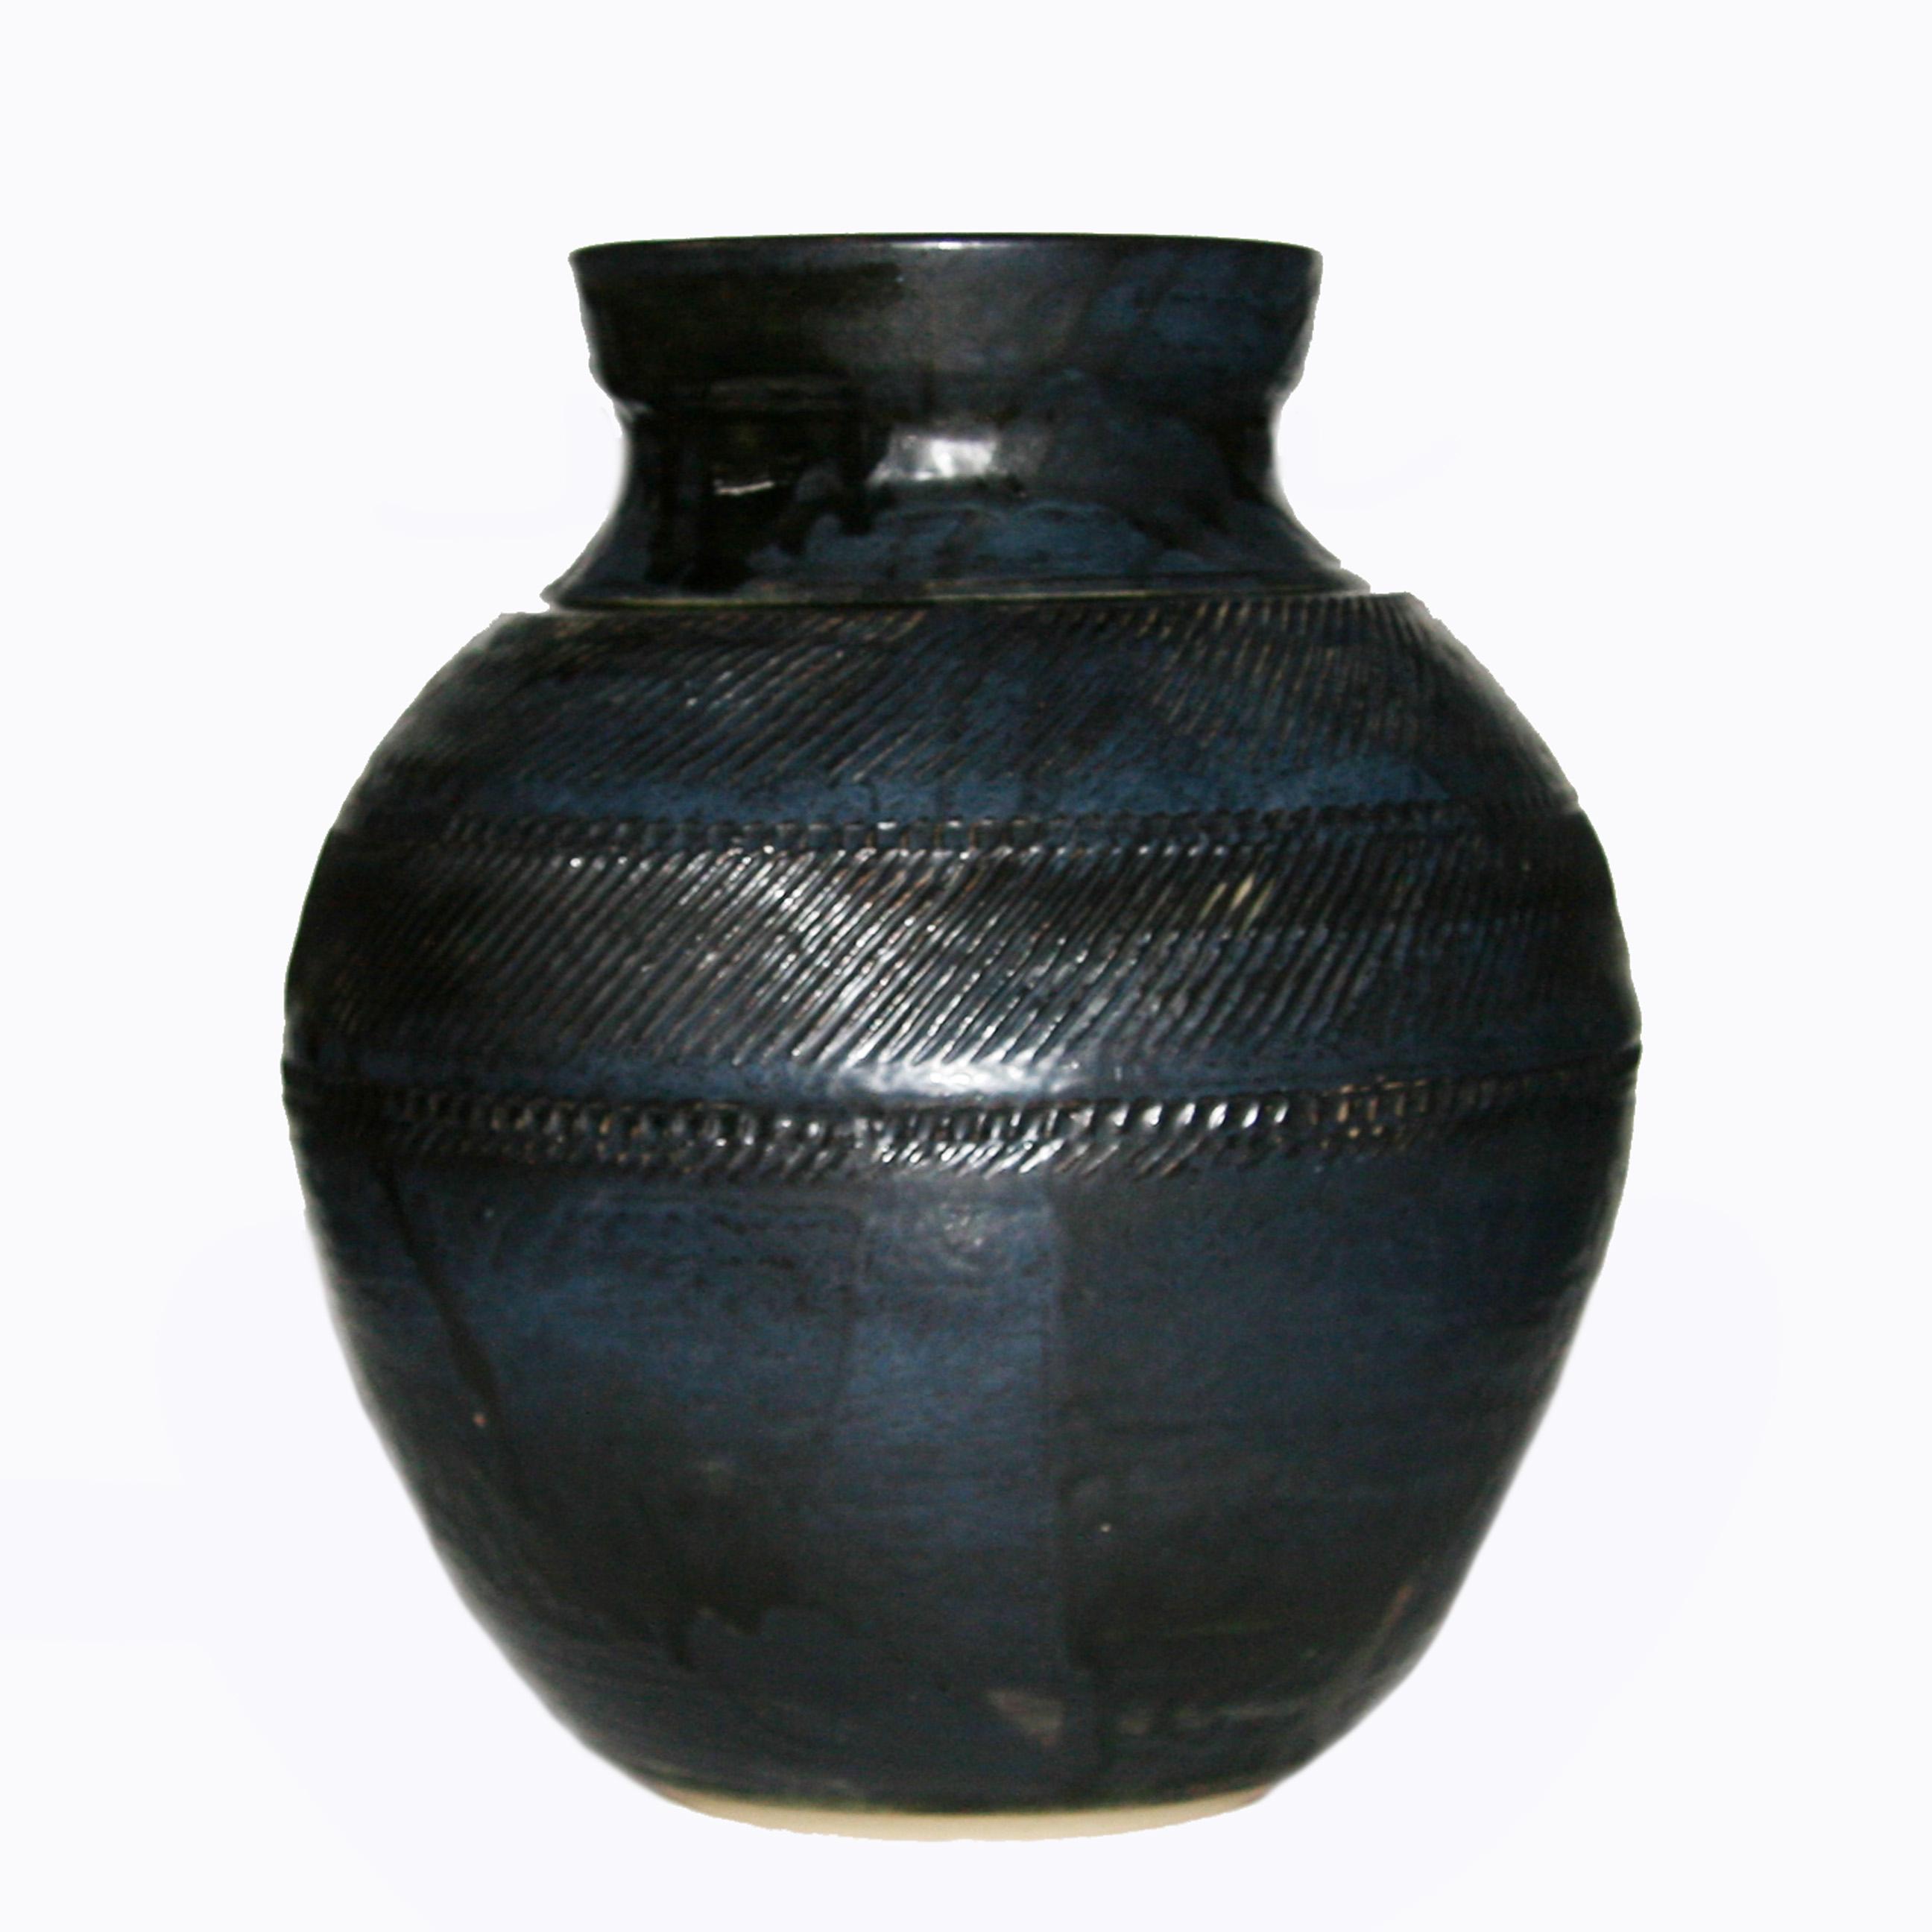 Vase ABX335